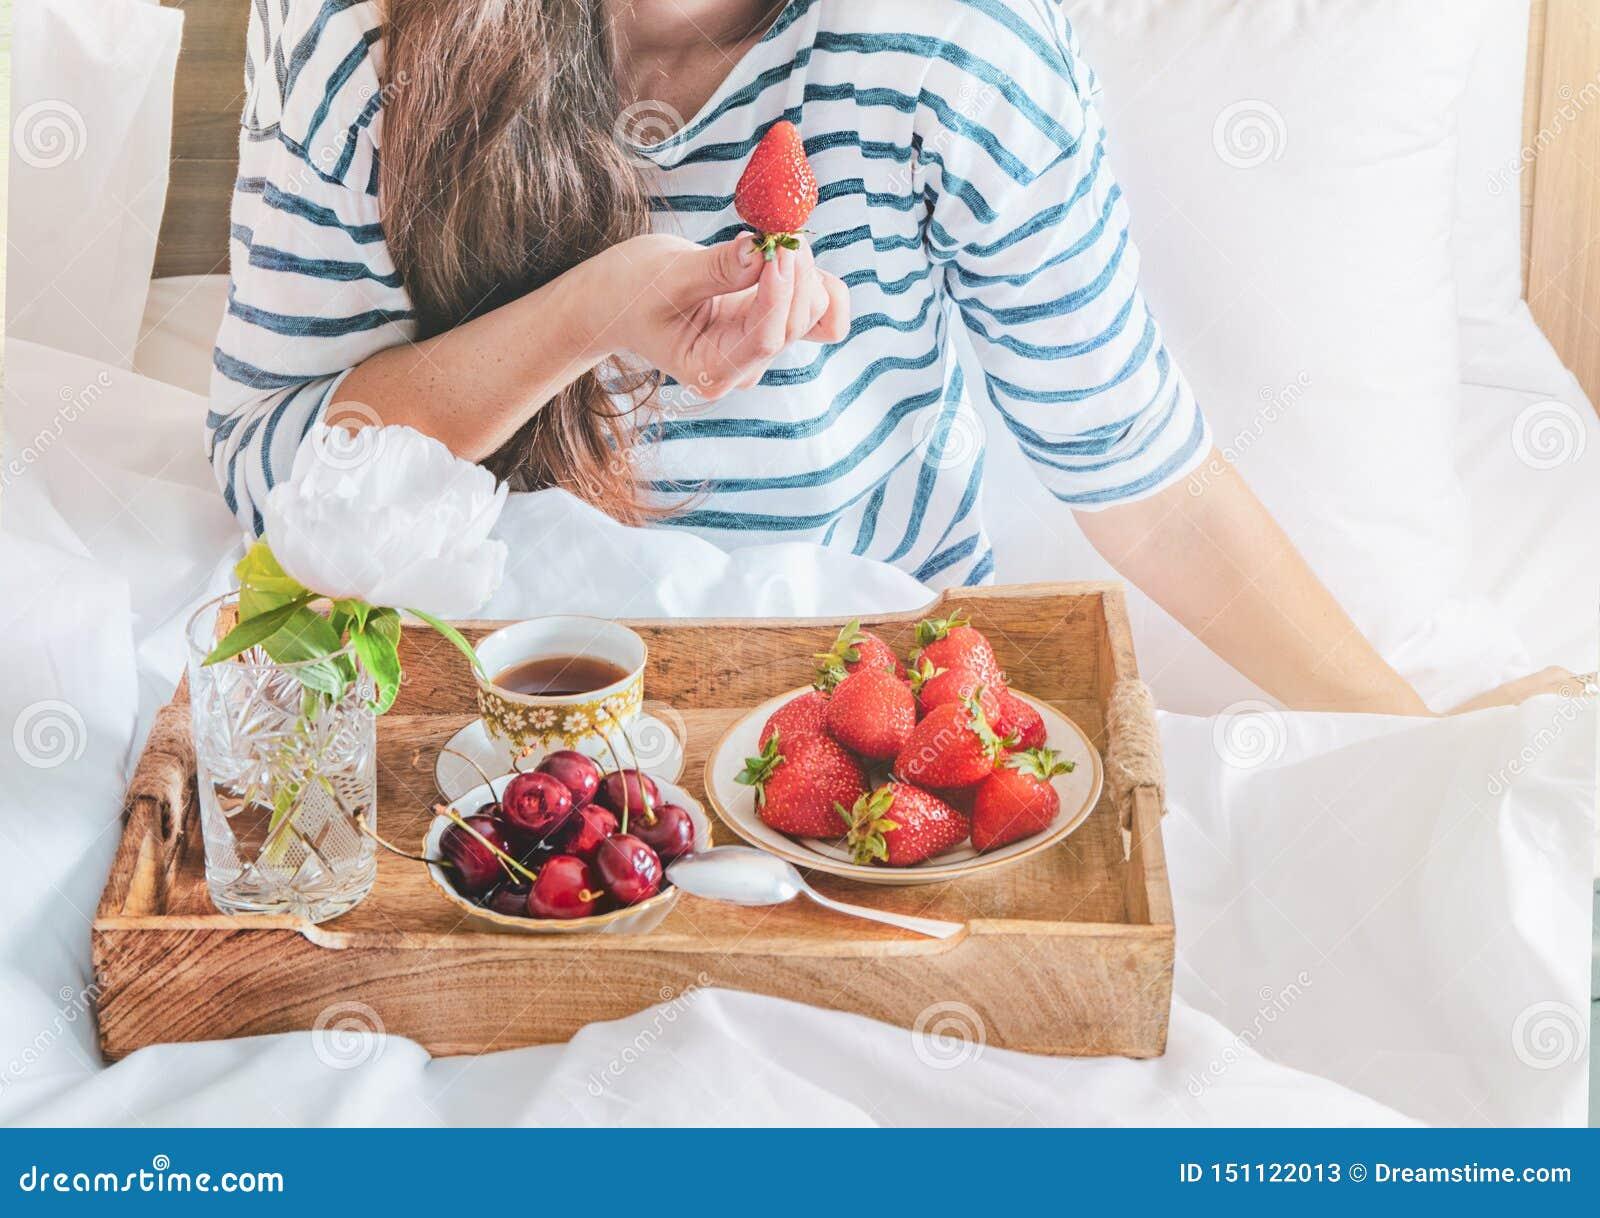 Jonge vrouw die gezond ontbijt in bed eten Romantisch ontbijt met aardbeien en zoete kers in een bed